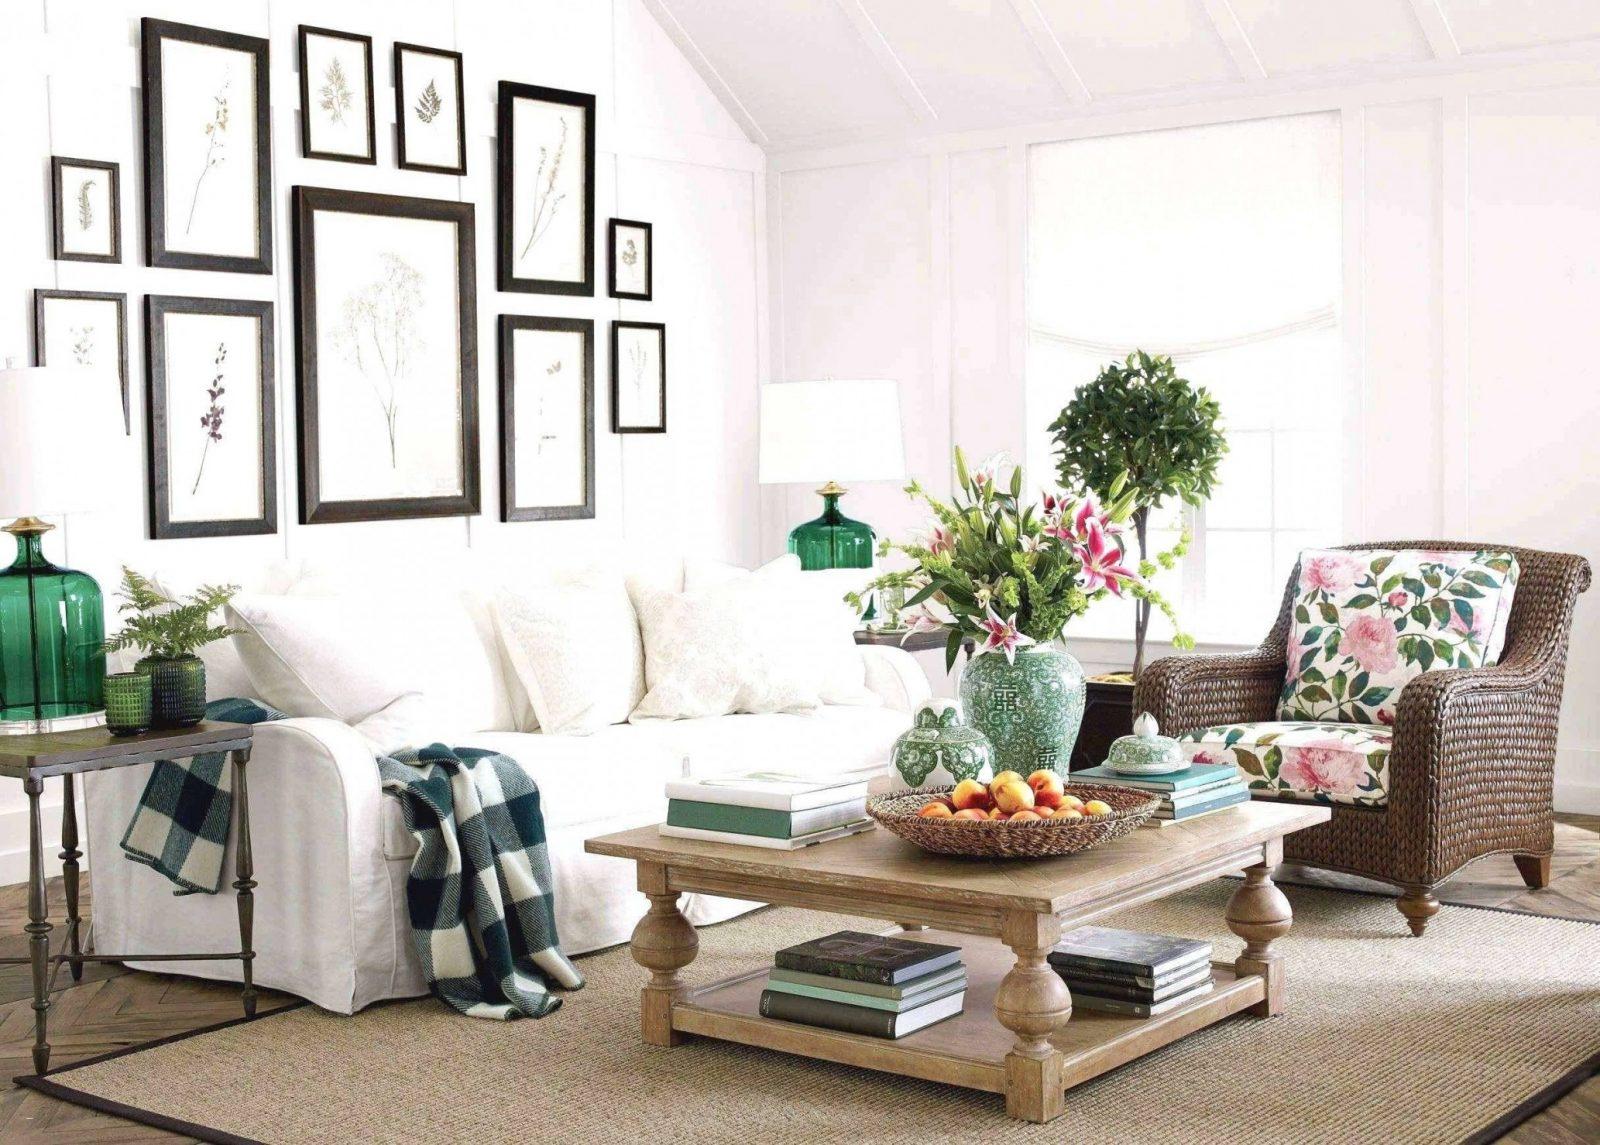 Beautiful Ideen Für Wohnzimmer Deko Ideas von Dekoration Wohnzimmer Ideen Bild